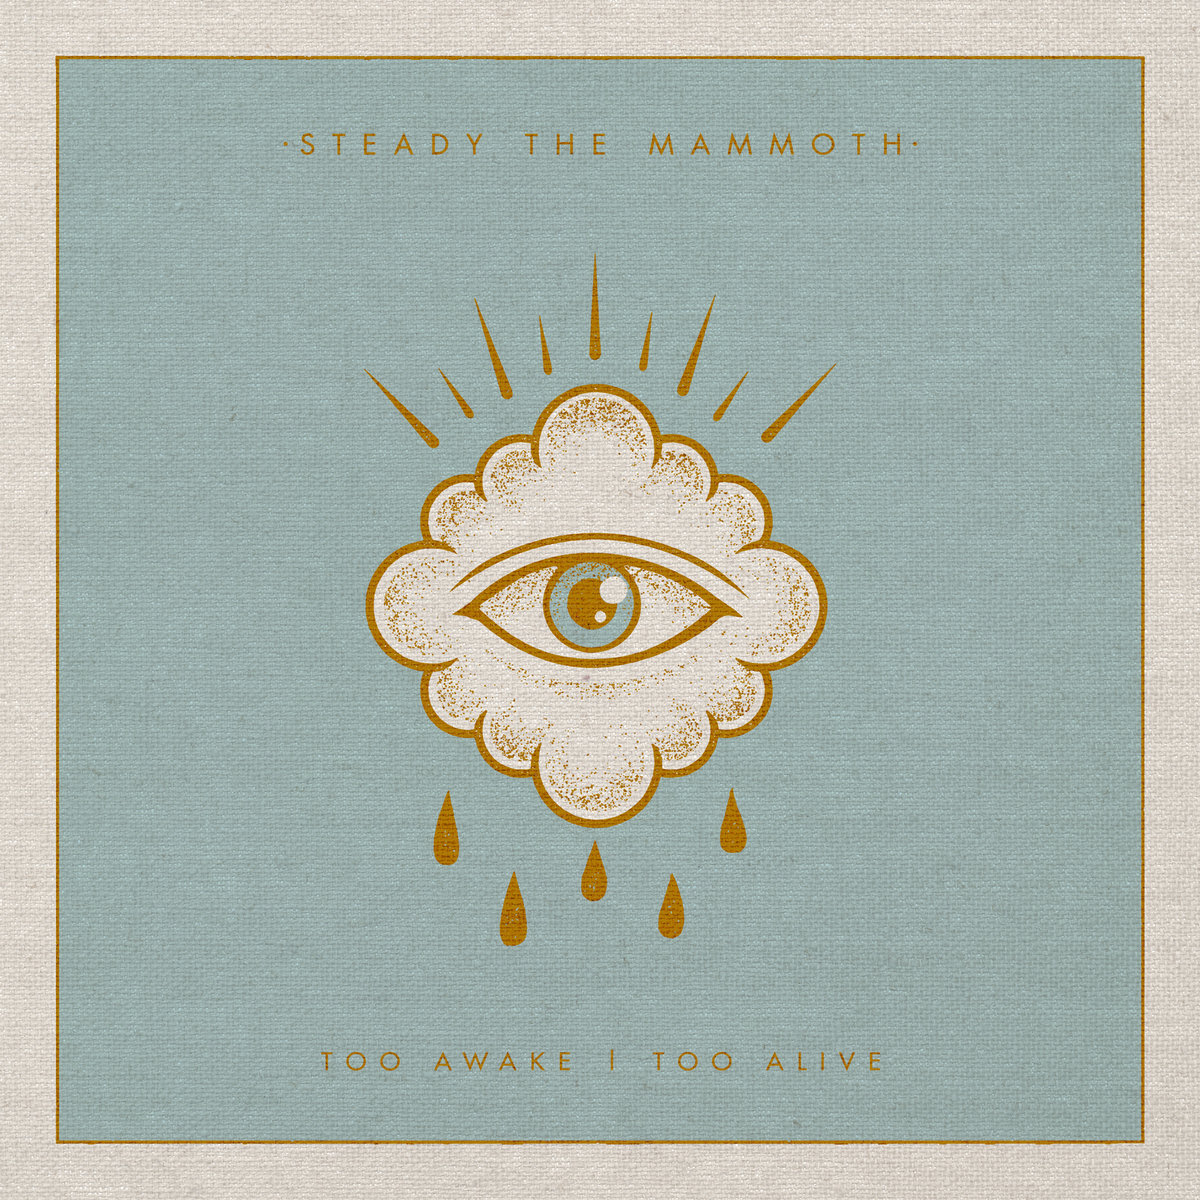 Steady the Mammoth - Too Awake Too Alive [EP] (2016)